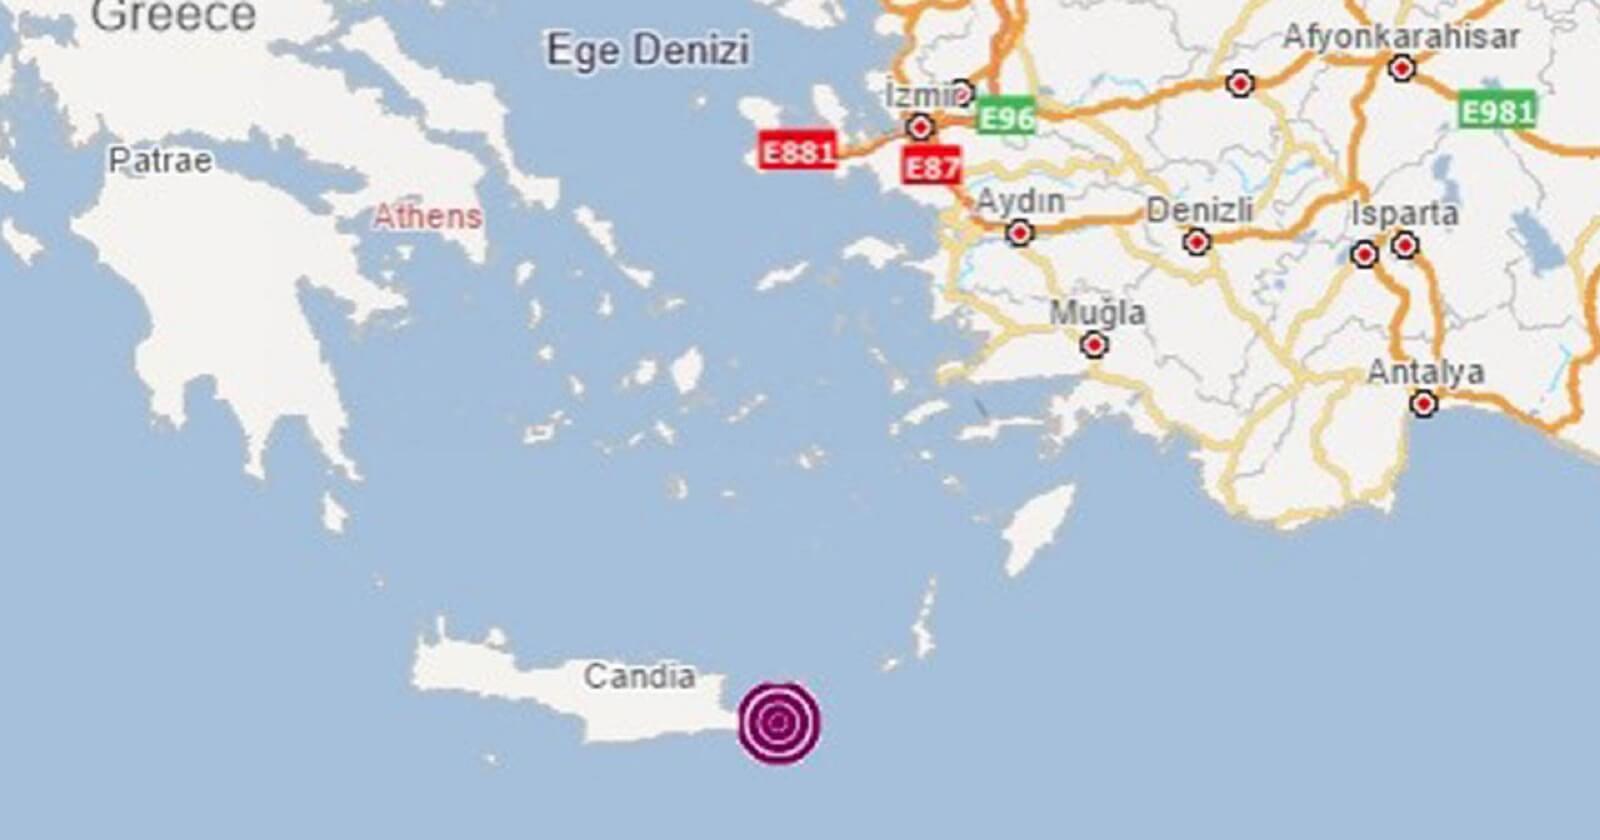 Yunanistan'ın Girit adasında 6.3 şiddetinde deprem meydana geldi